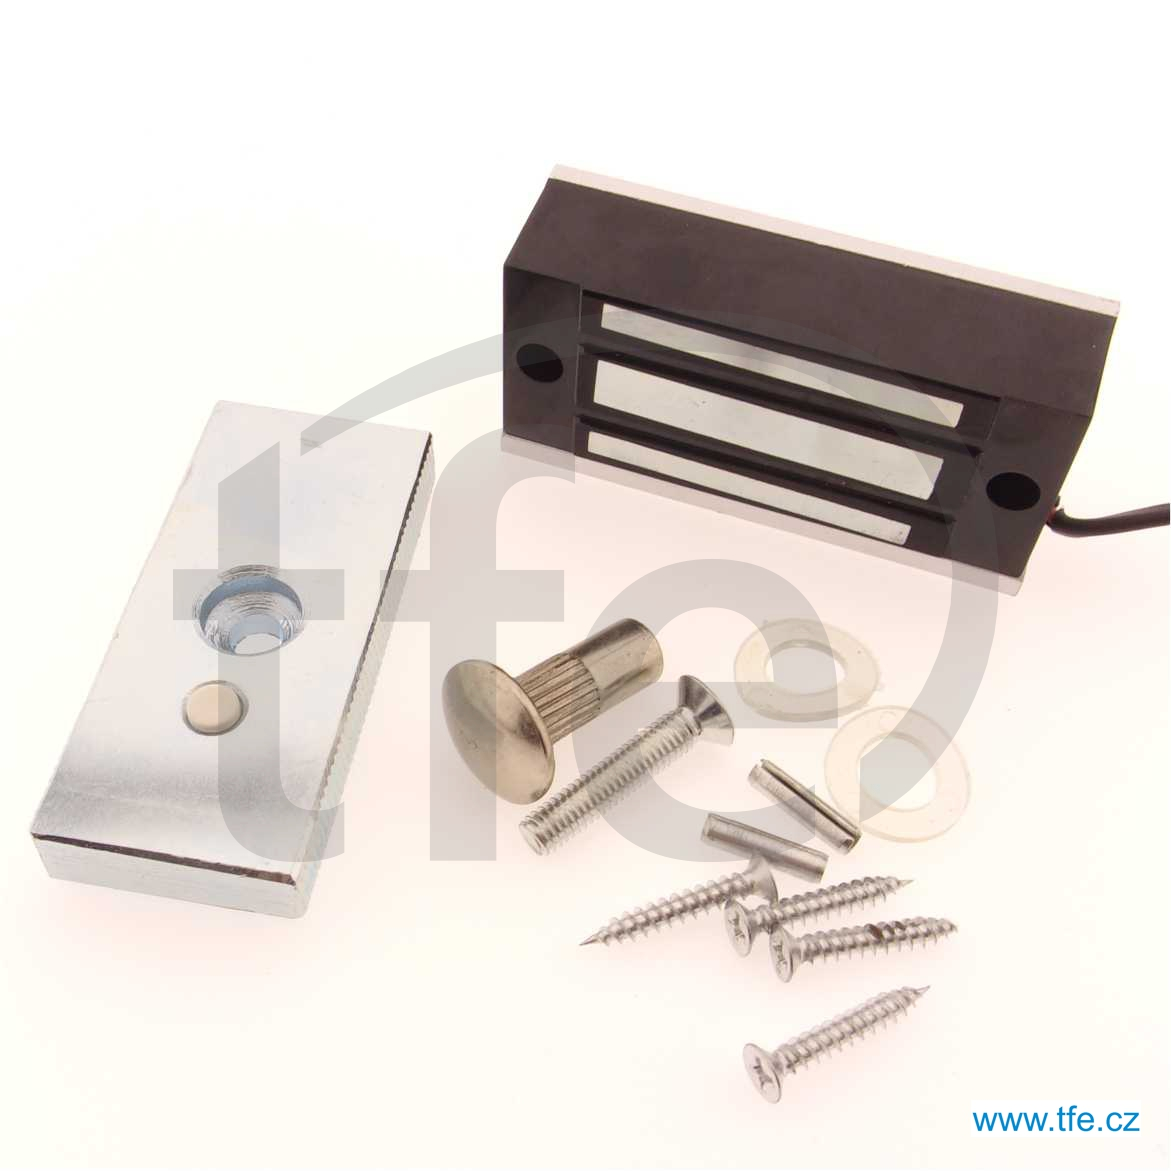 Elektromagnet (elektromagnetický zámek) EMC1